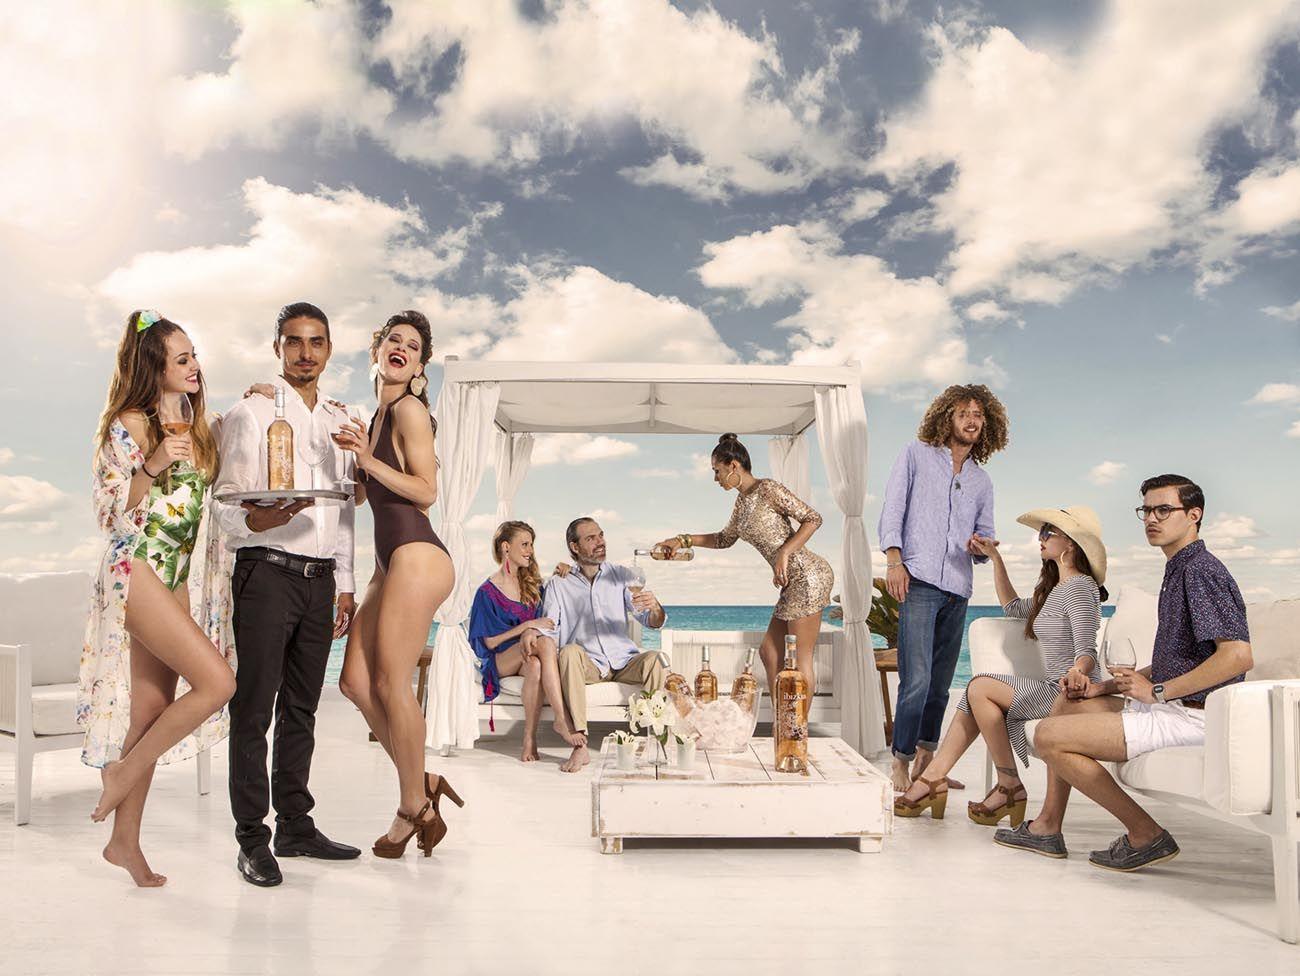 Ibizkus beachclub hor_cambio_tam